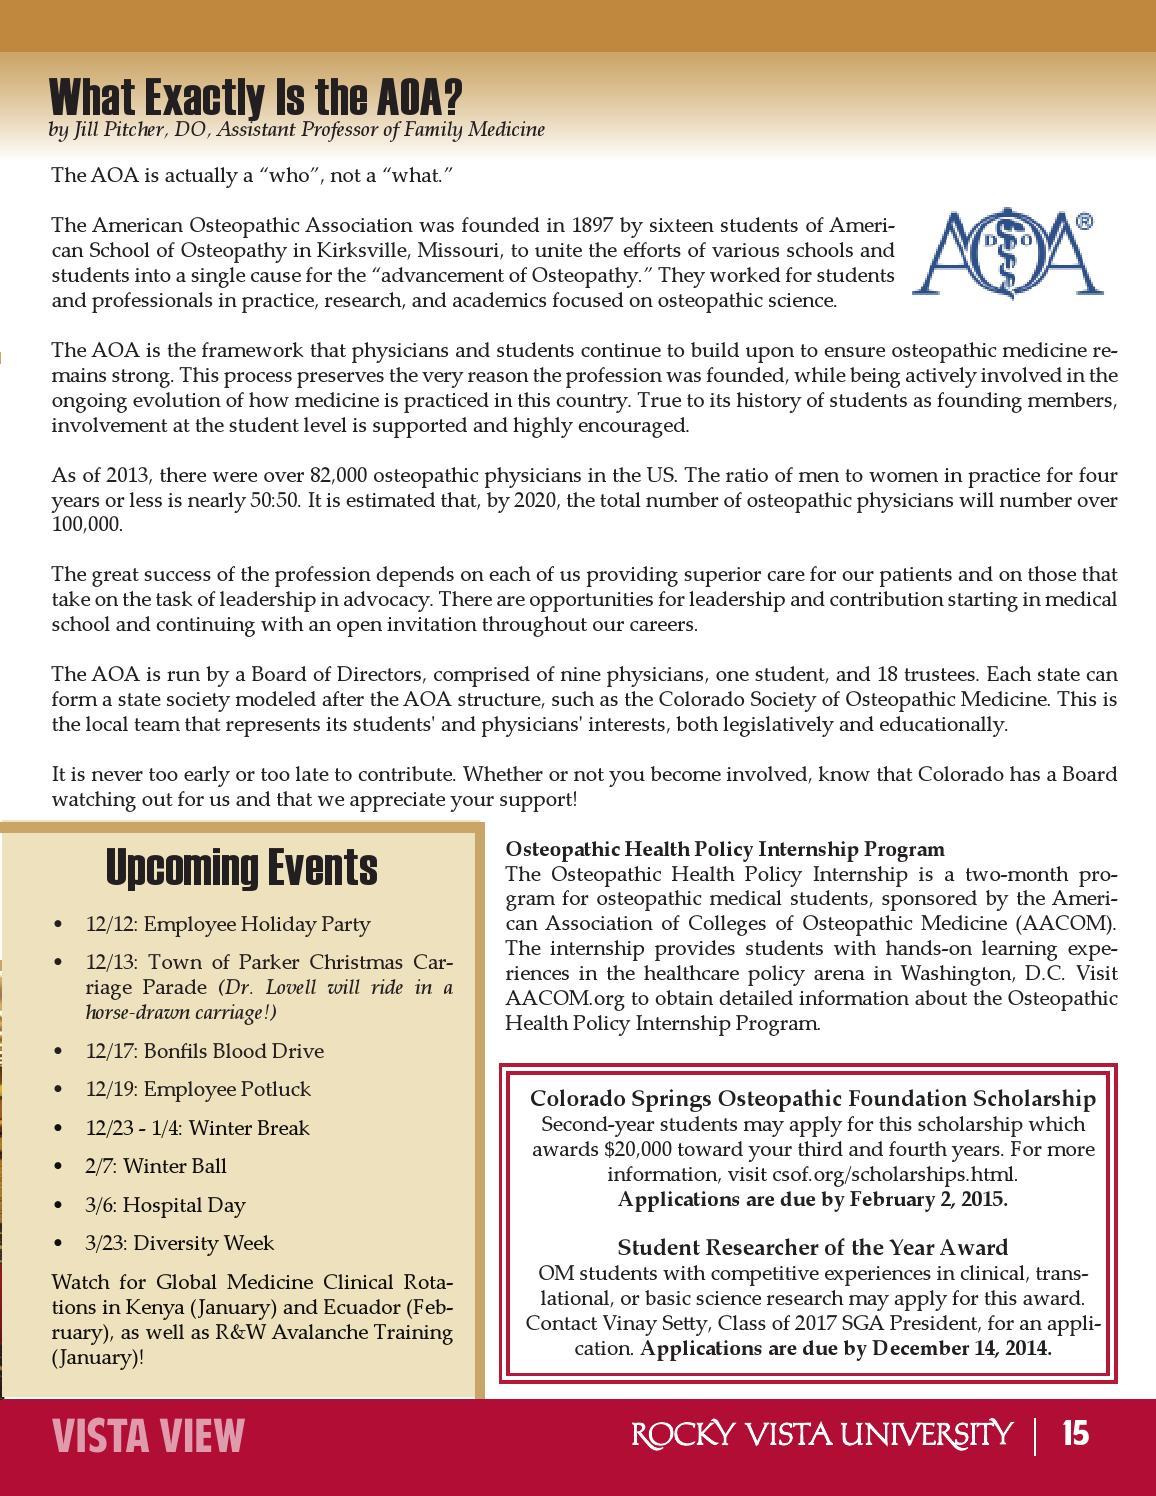 Vista View Newsletter - December Issue by Rocky Vista University